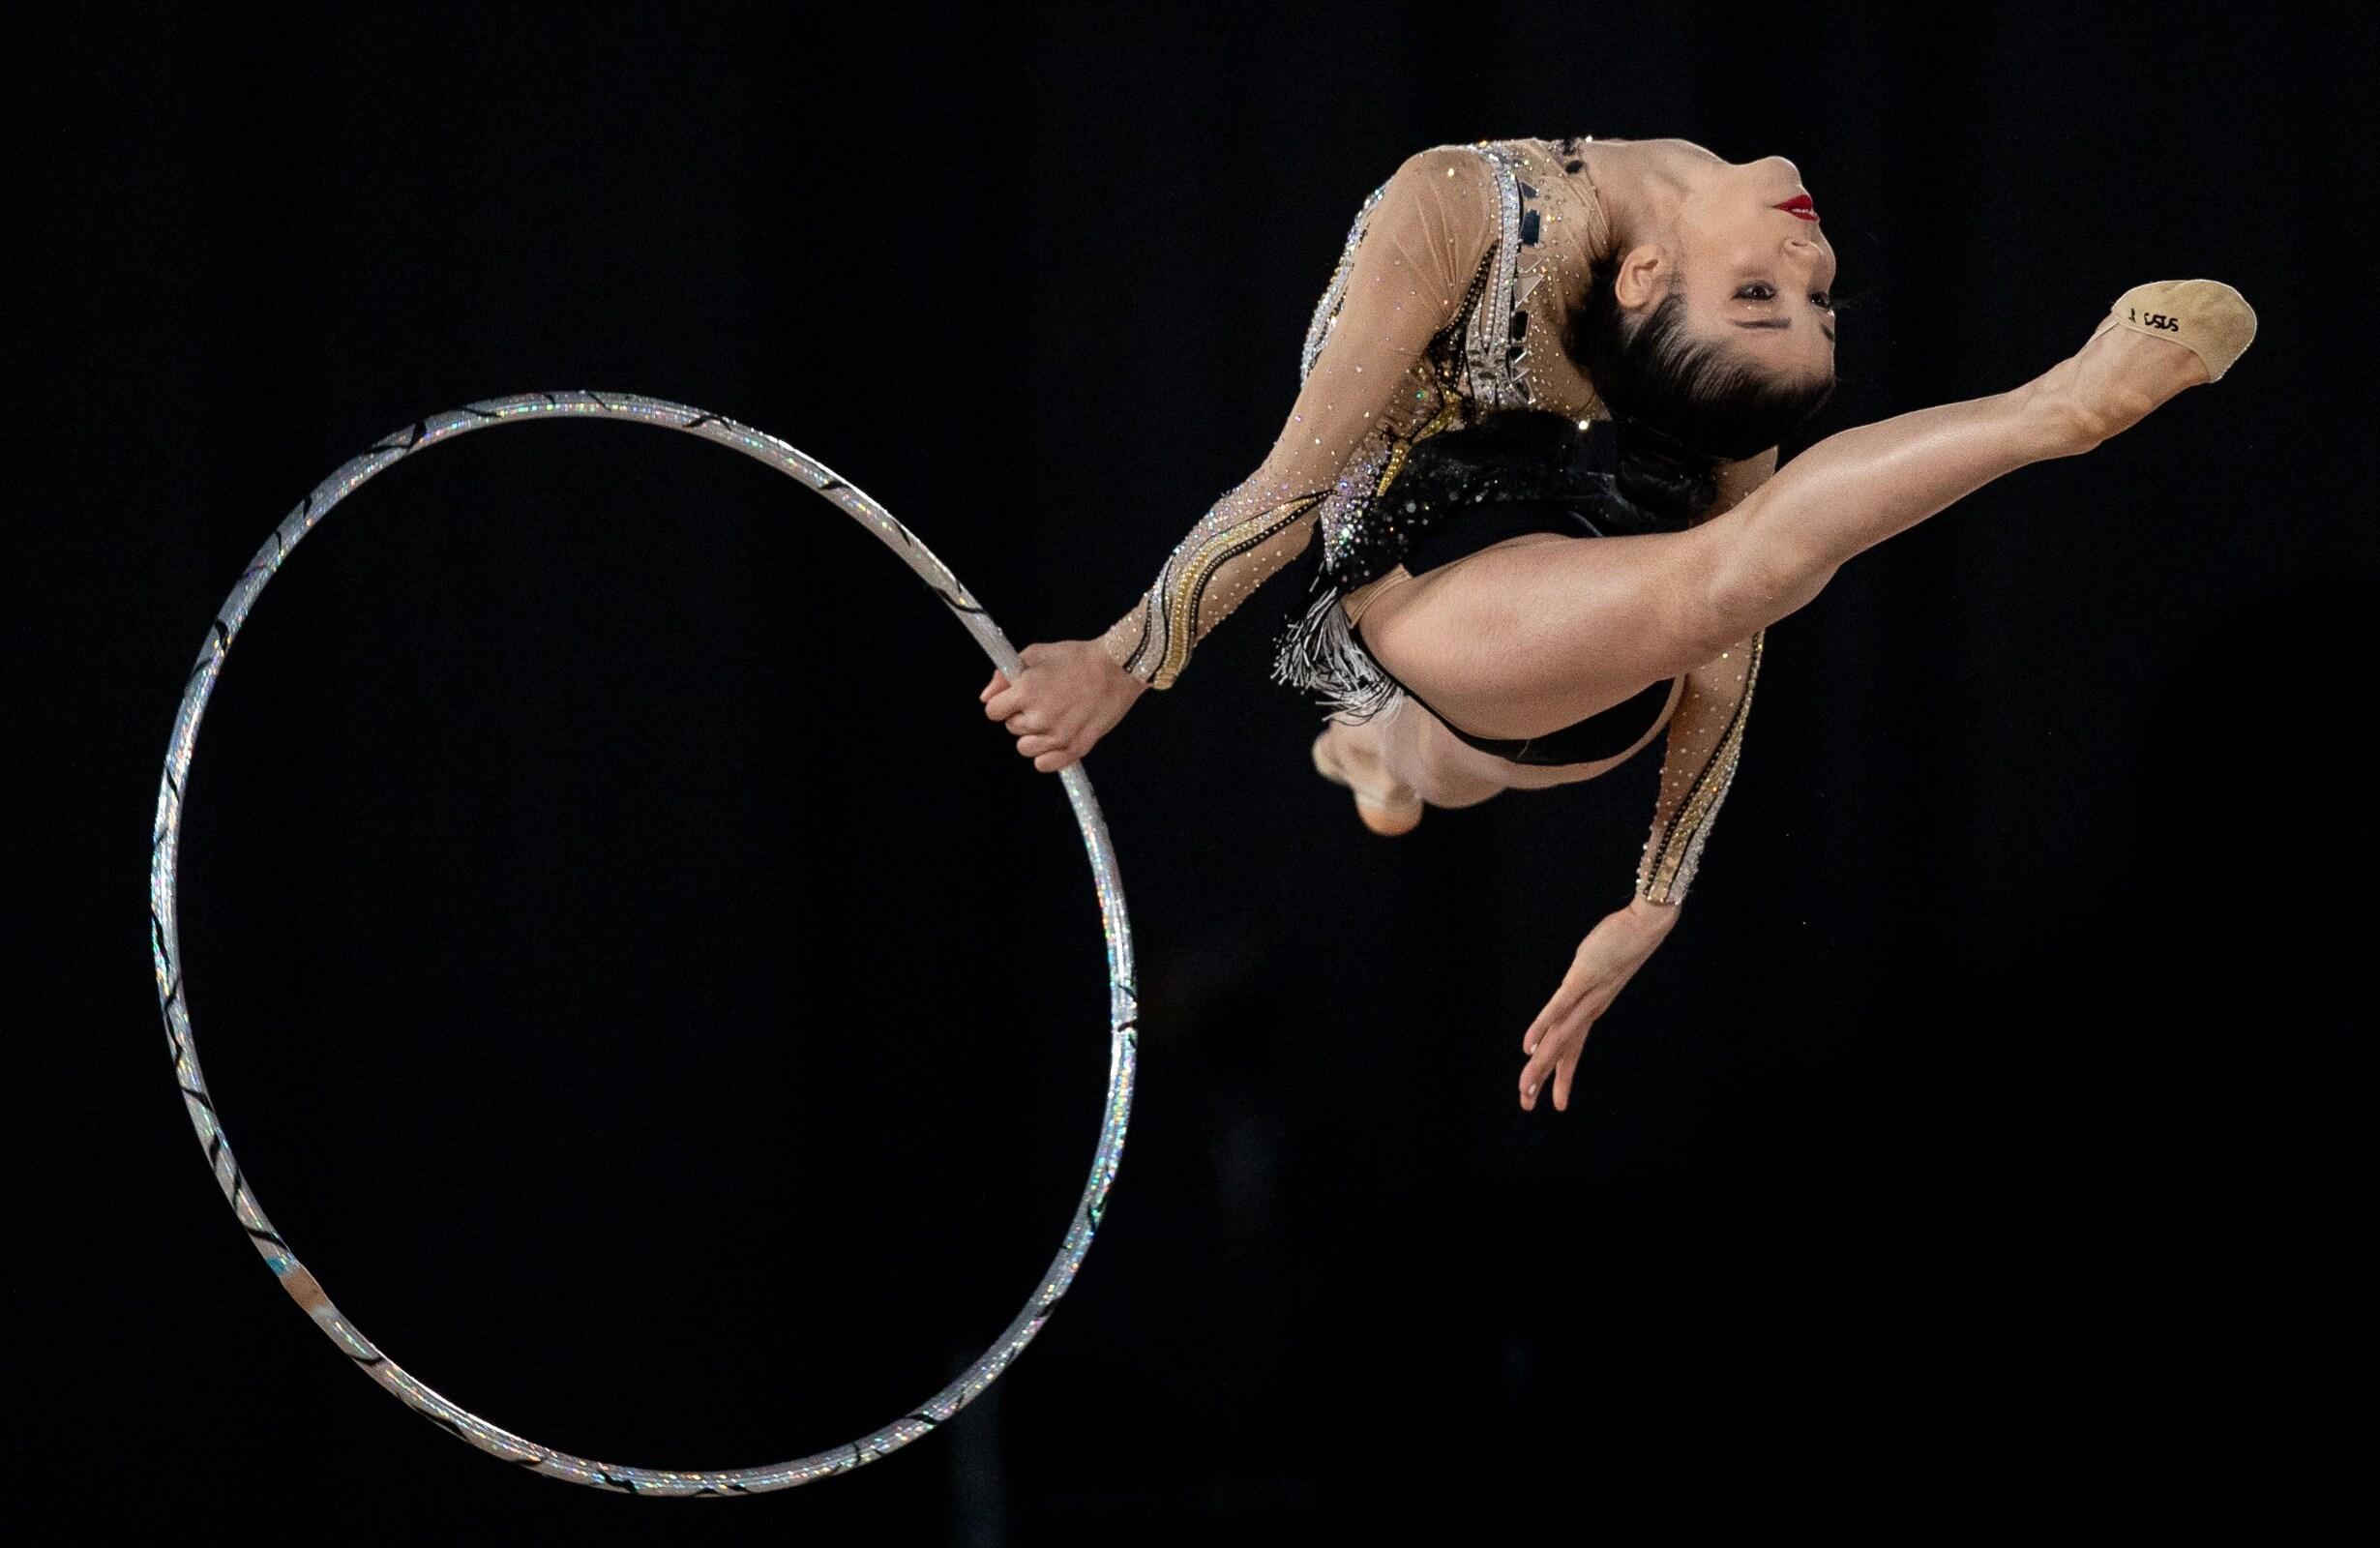 Buenos Aires 2018 - Gymnastics rhythmic